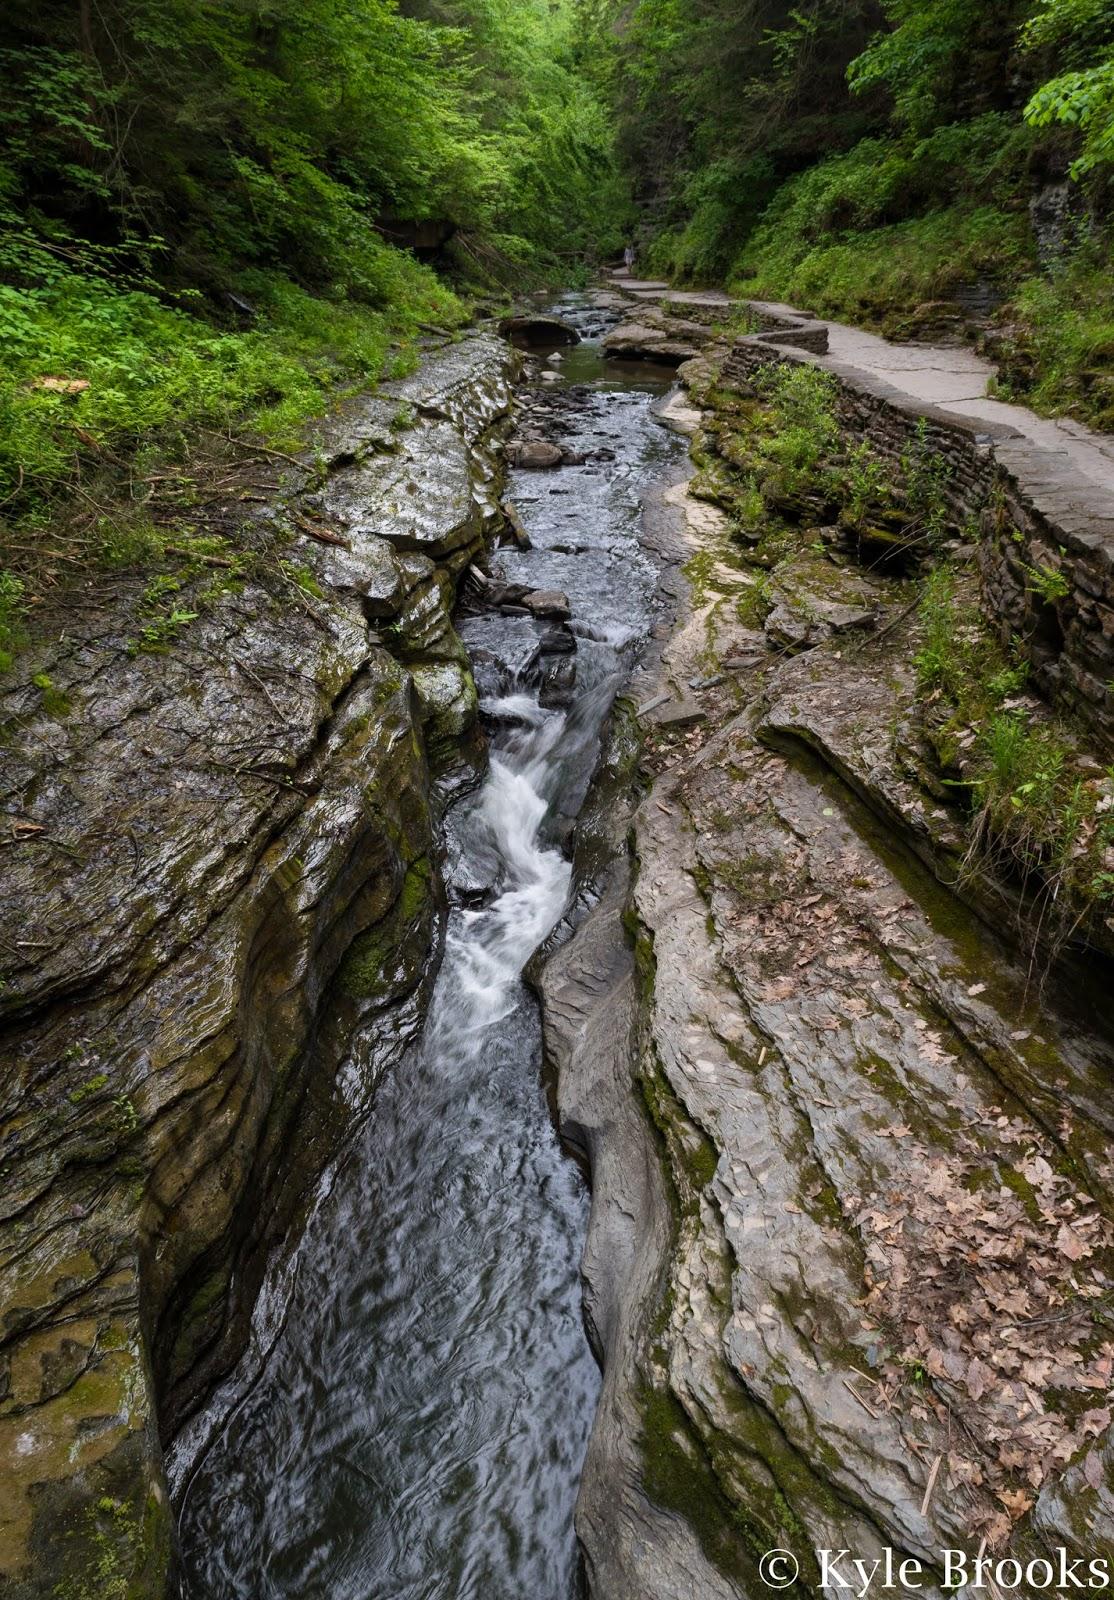 Watkins Glen State Park Spiral Gorge